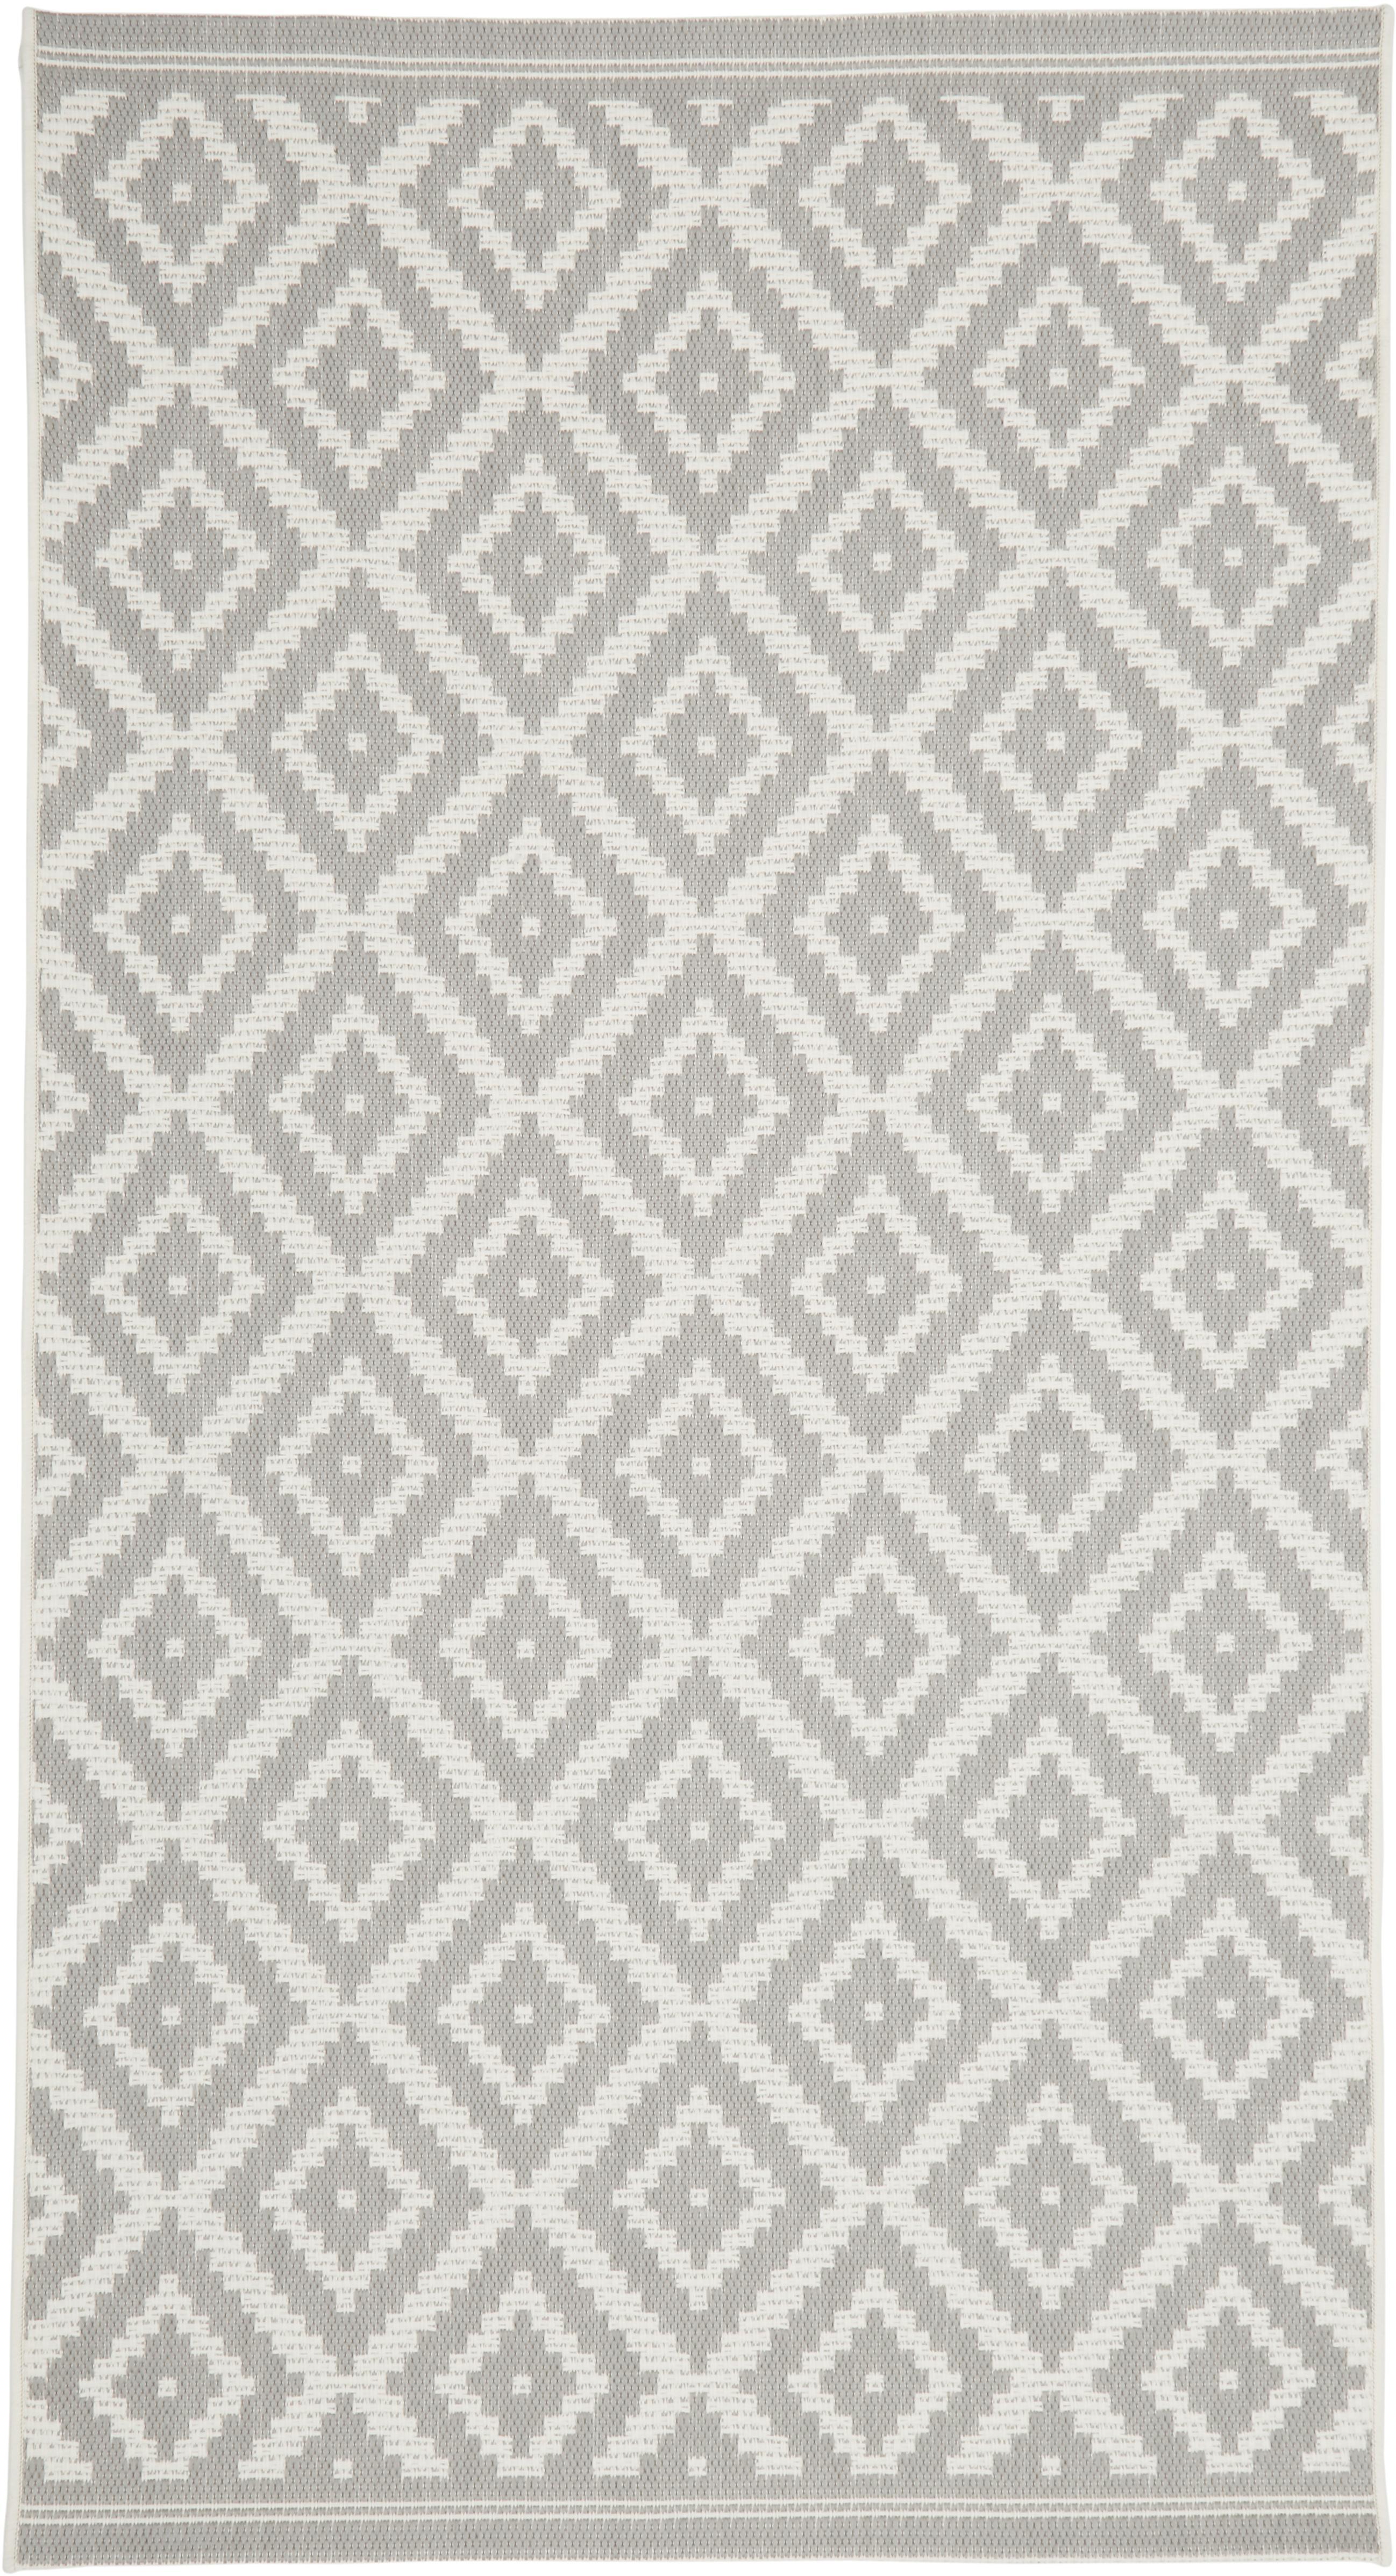 Gemusterter In- & Outdoor-Teppich Miami in Grau/Weiß, Flor: 100% Polypropylen, Cremeweiß, Grau, B 80 x L 150 cm (Größe XS)